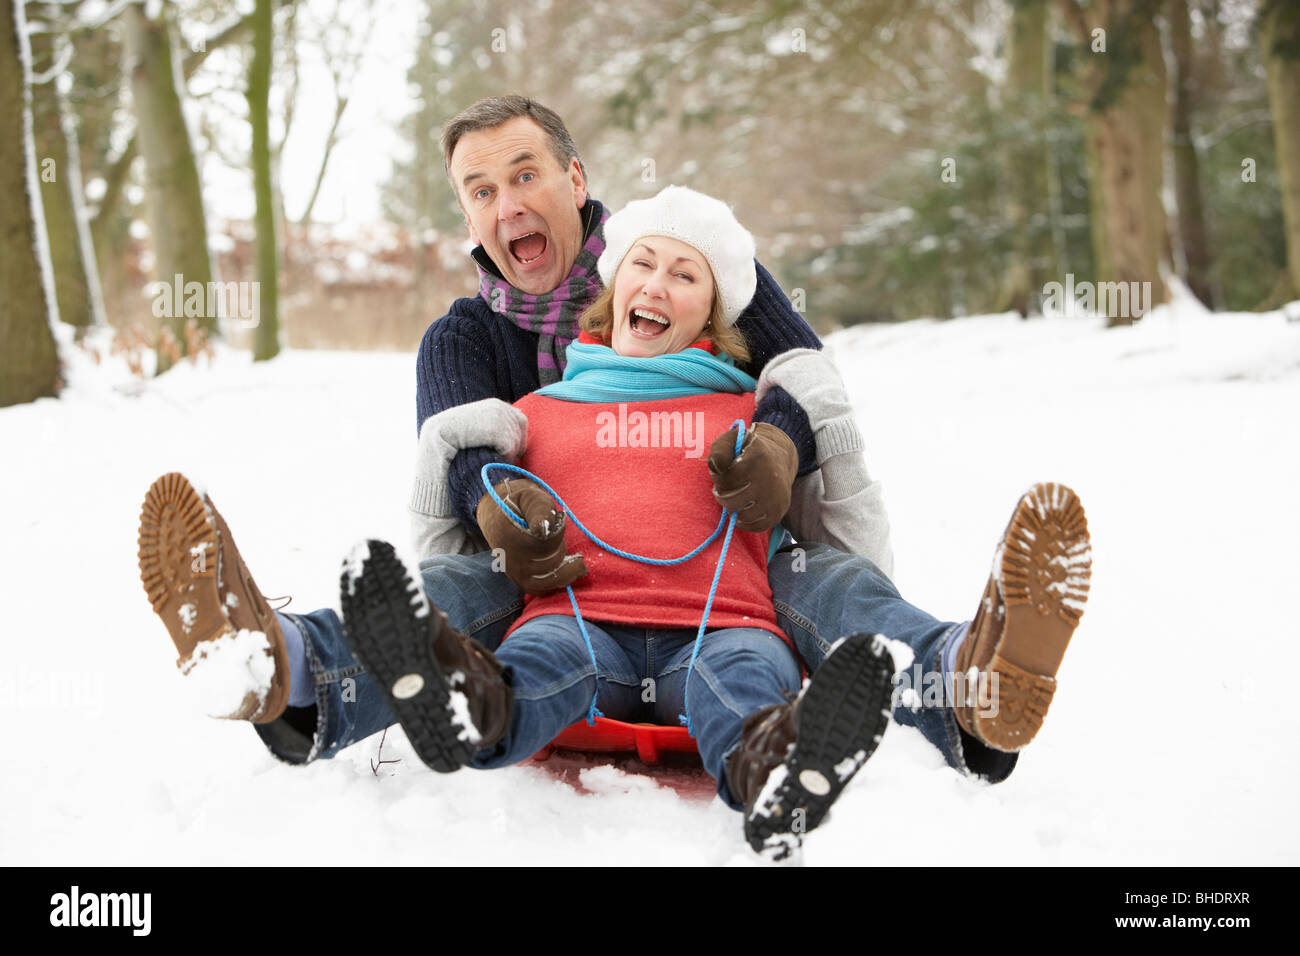 Senior Couple Sledging Through Snowy Woodland - Stock Image